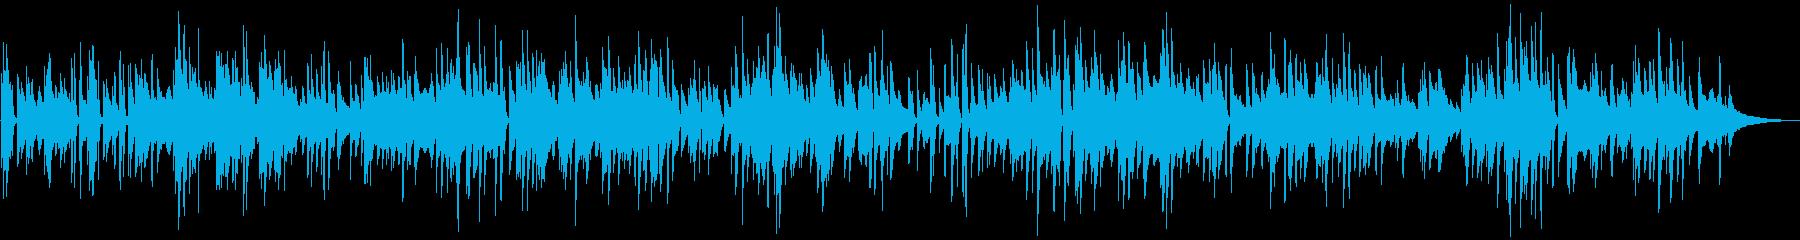 カフェミュージック 爽やかなピアノソロの再生済みの波形